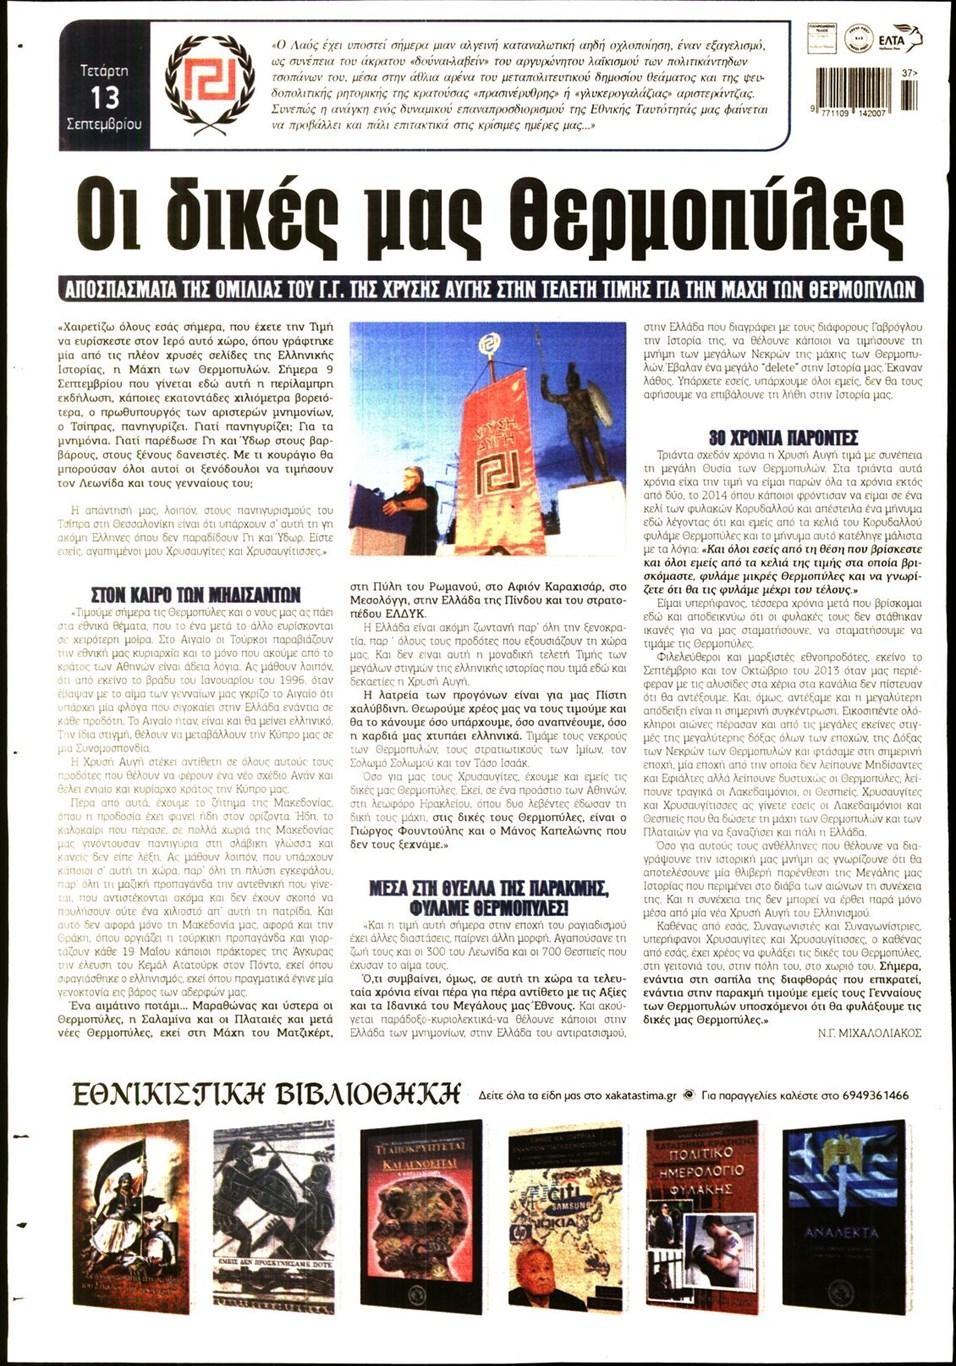 Οπισθόφυλλο εφημερίδας Χρυσή Αυγή